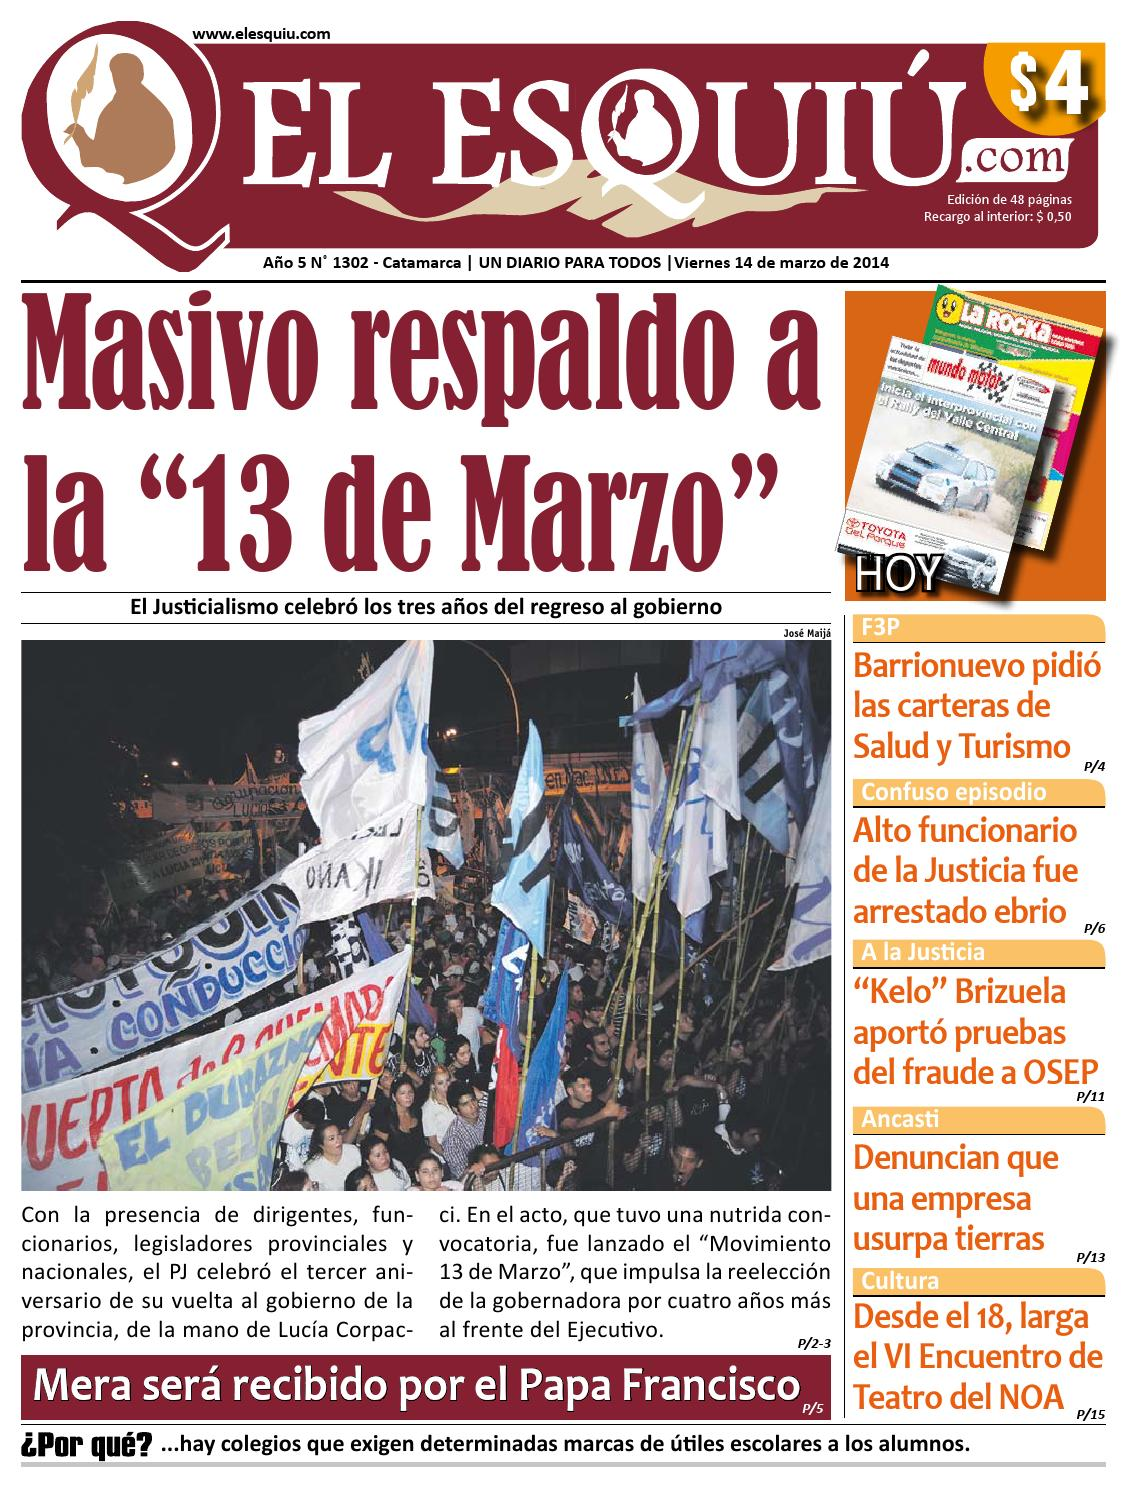 El Esquiu Com Viernes 14 De Marzo De 2014 By Editorial El Esqui  # Muebles Yoma Antofagasta